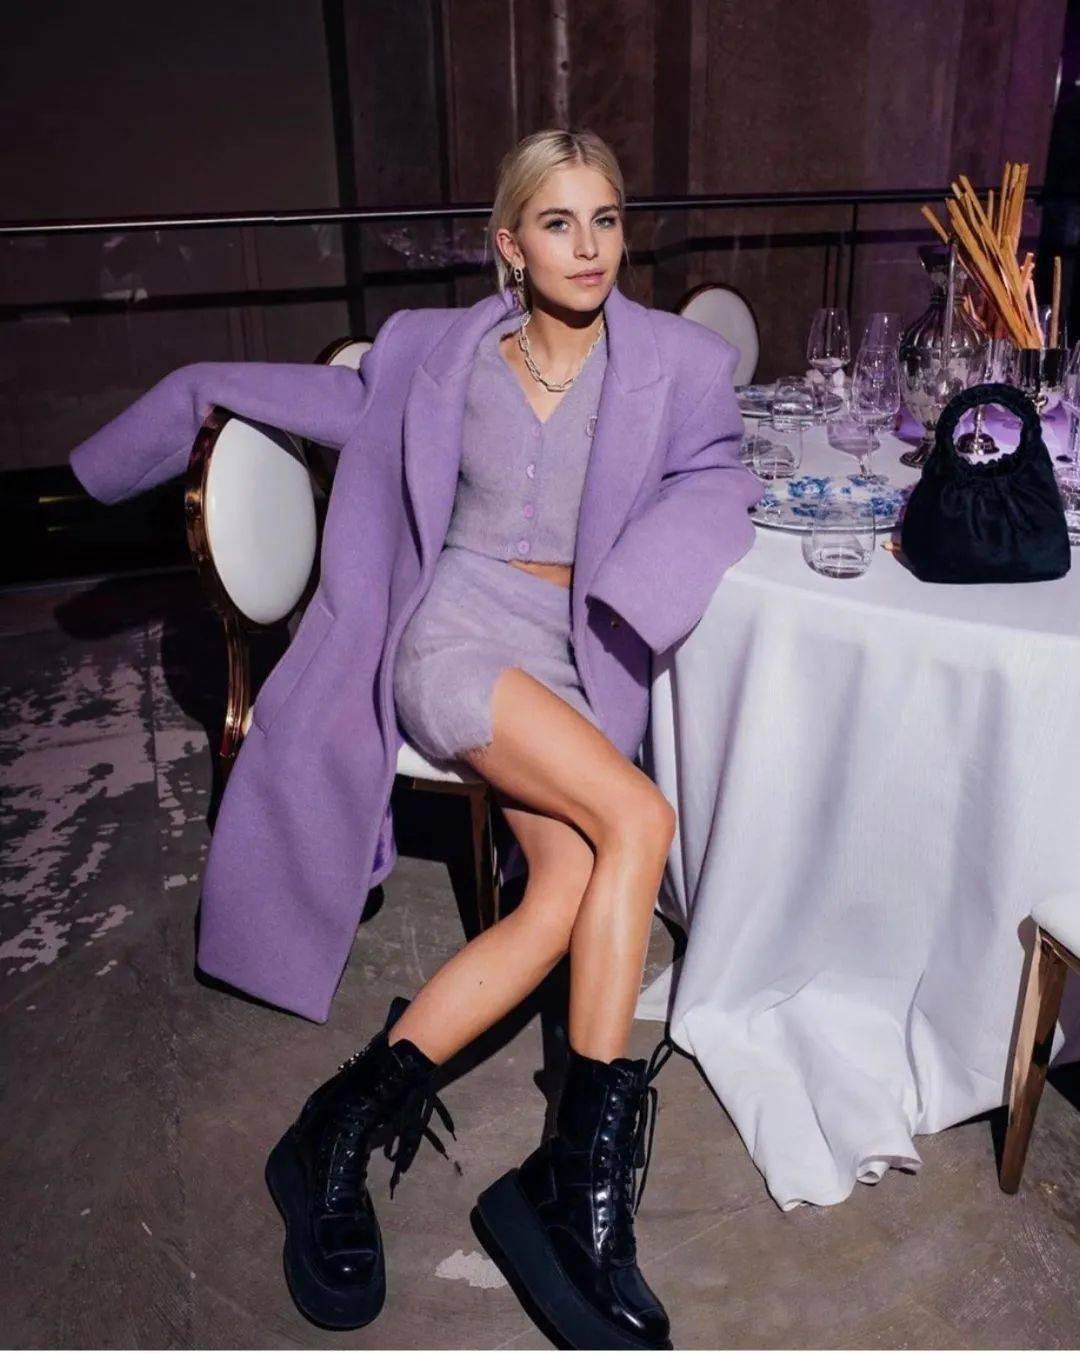 马丁靴+裙子,马丁靴+工装裤……又酷又撩,时髦炸了!     第67张